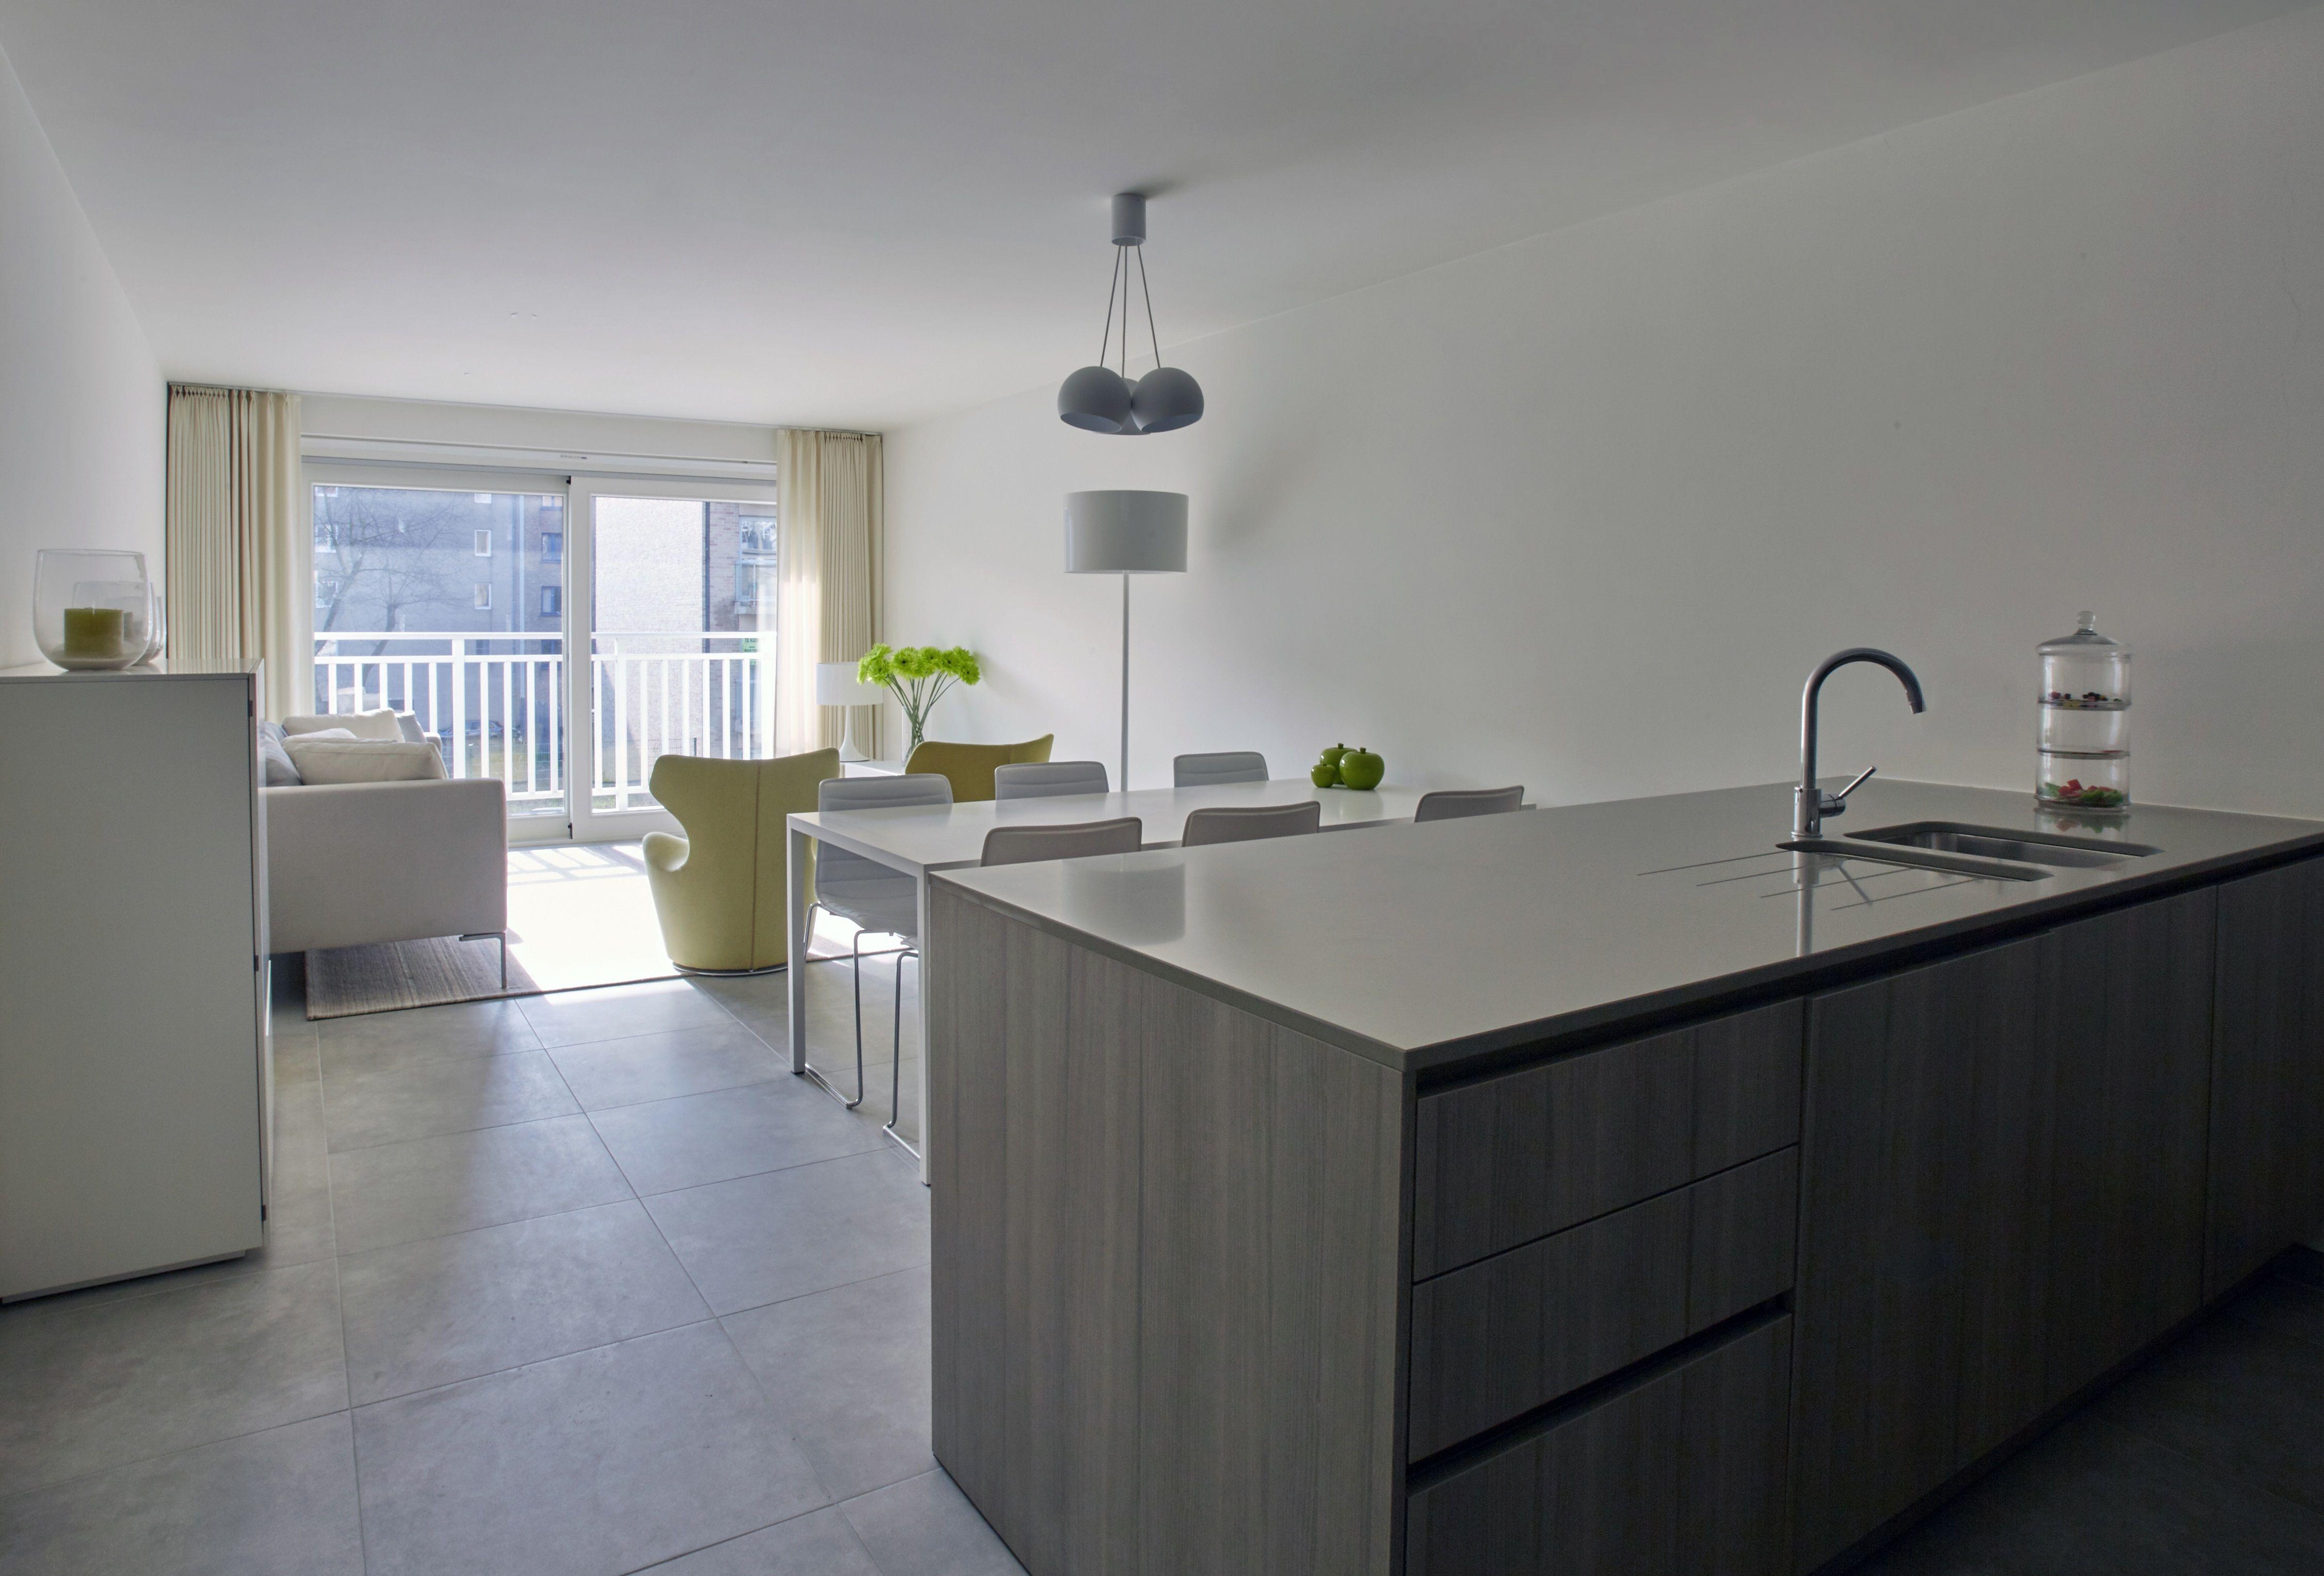 Zongericht appartement met terras te koop Nieuwpoort - 5485